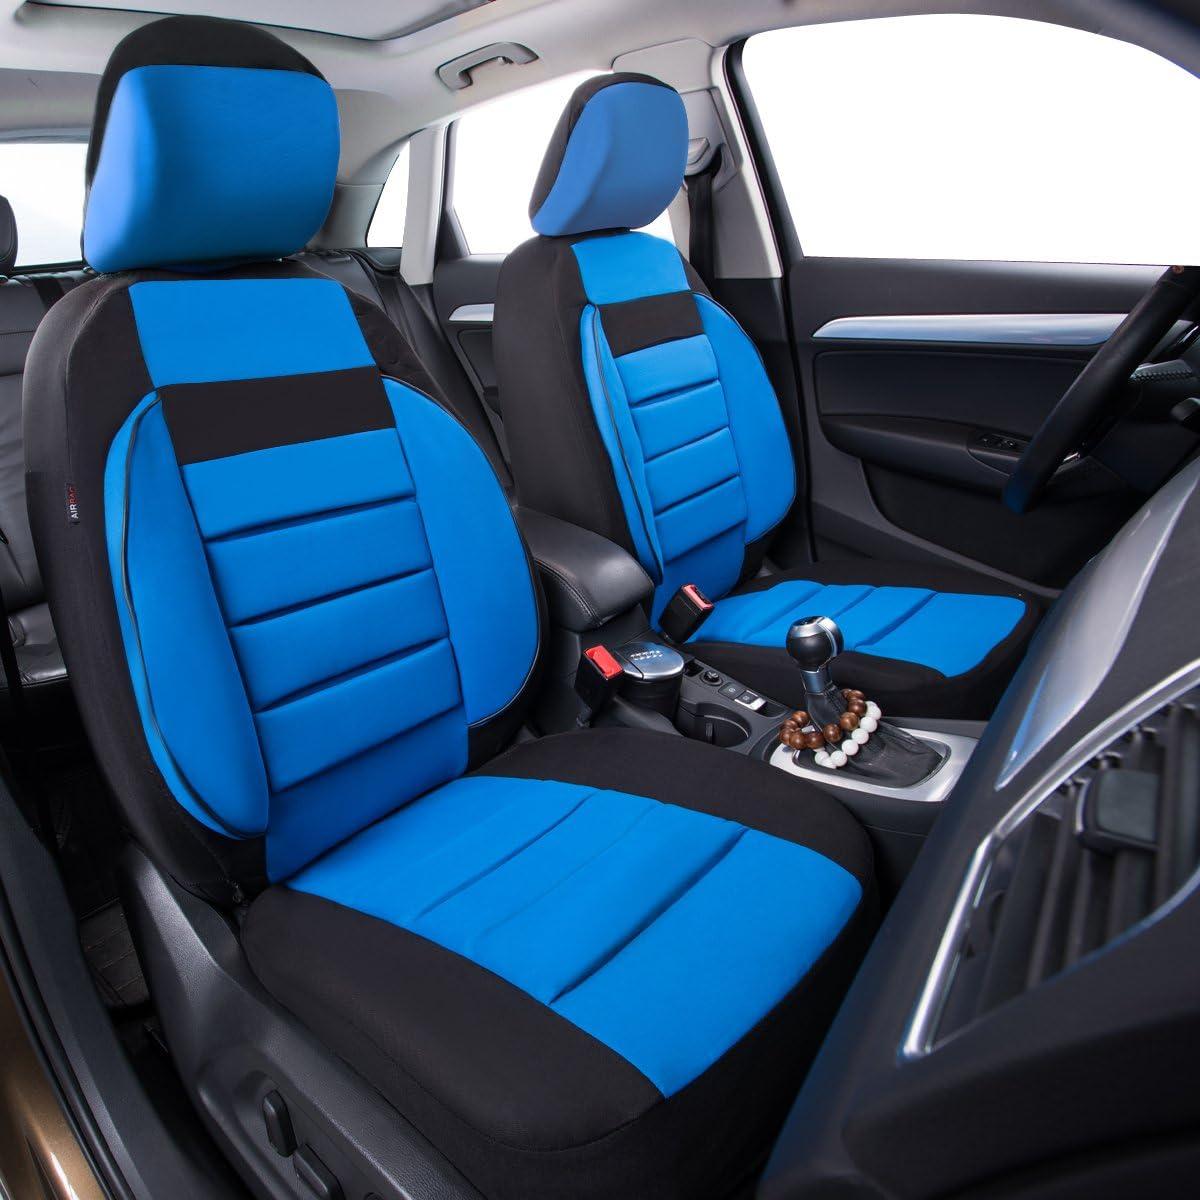 /6/Elegance Universal Automarke Front Seat Covers Set package-fit f/ür Fahrzeuge schwarz und grau mit Composite Schwamm Innen Airbag kompatibel Auto Pass/